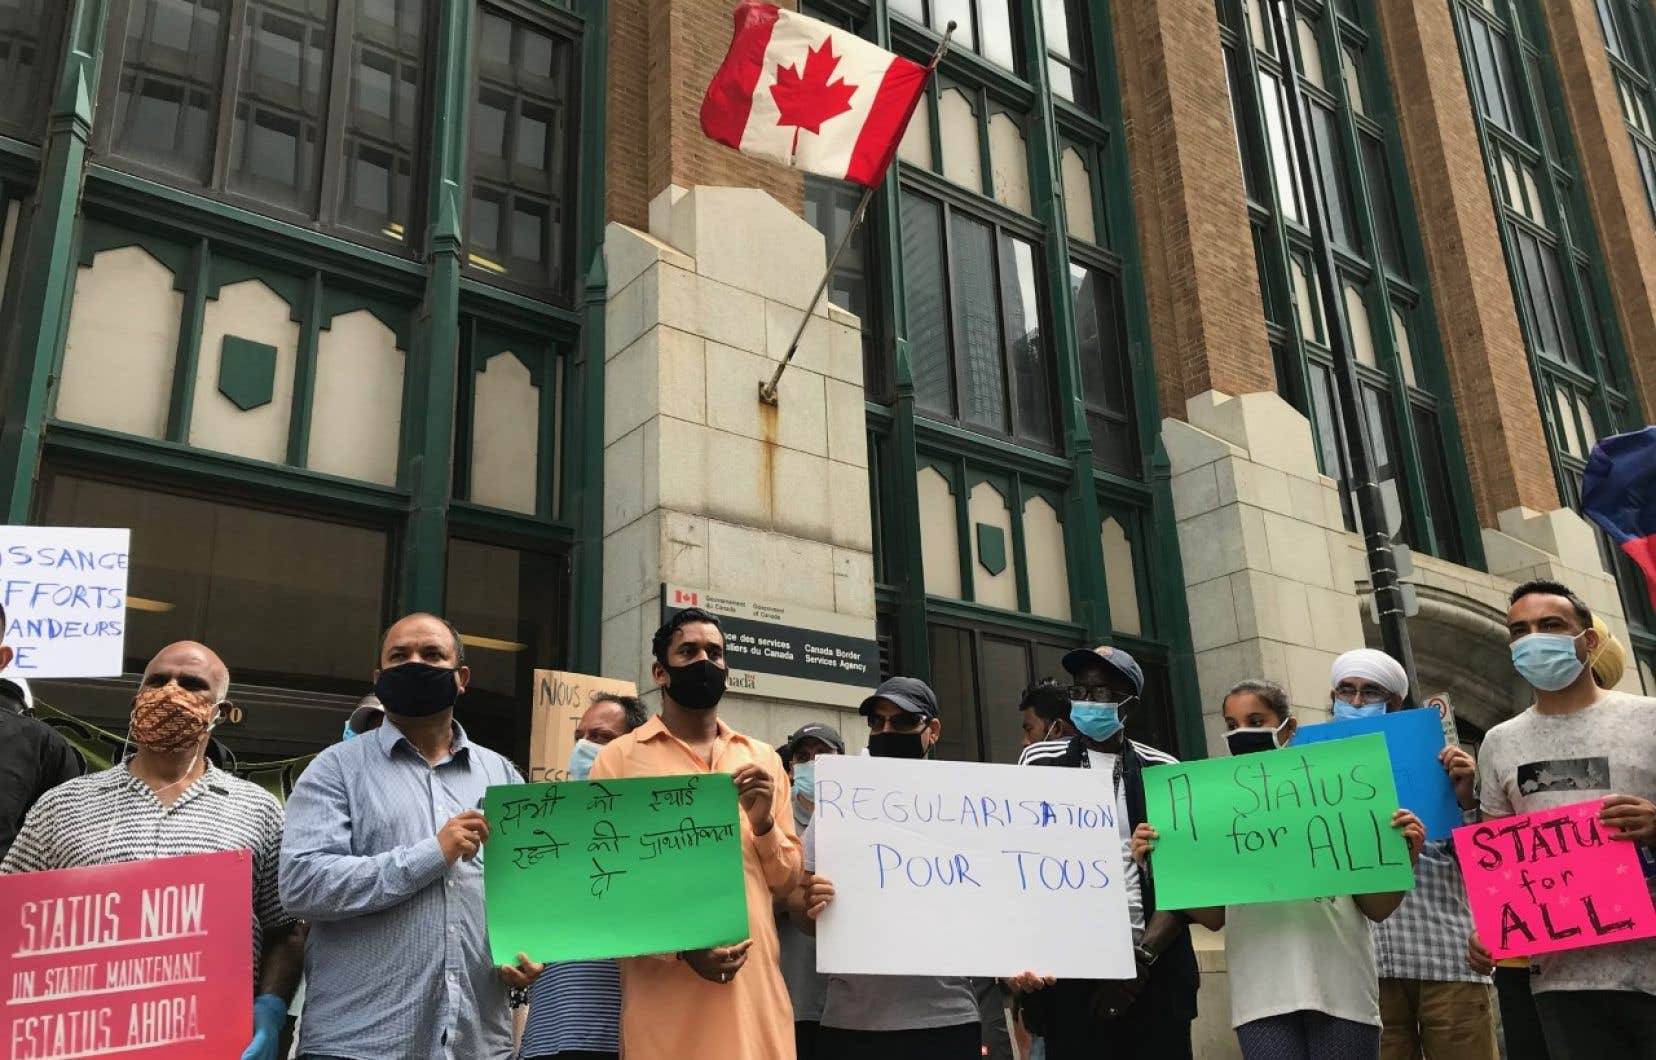 Des migrants sans papiers, des travailleurs agricoles temporaires, des demandeurs d'asile et des étudiants internationaux ont manifesté dimanche devant les bureaux d'Immigration, Réfugiés et Citoyenneté Canada, dans le Vieux-Montréal.